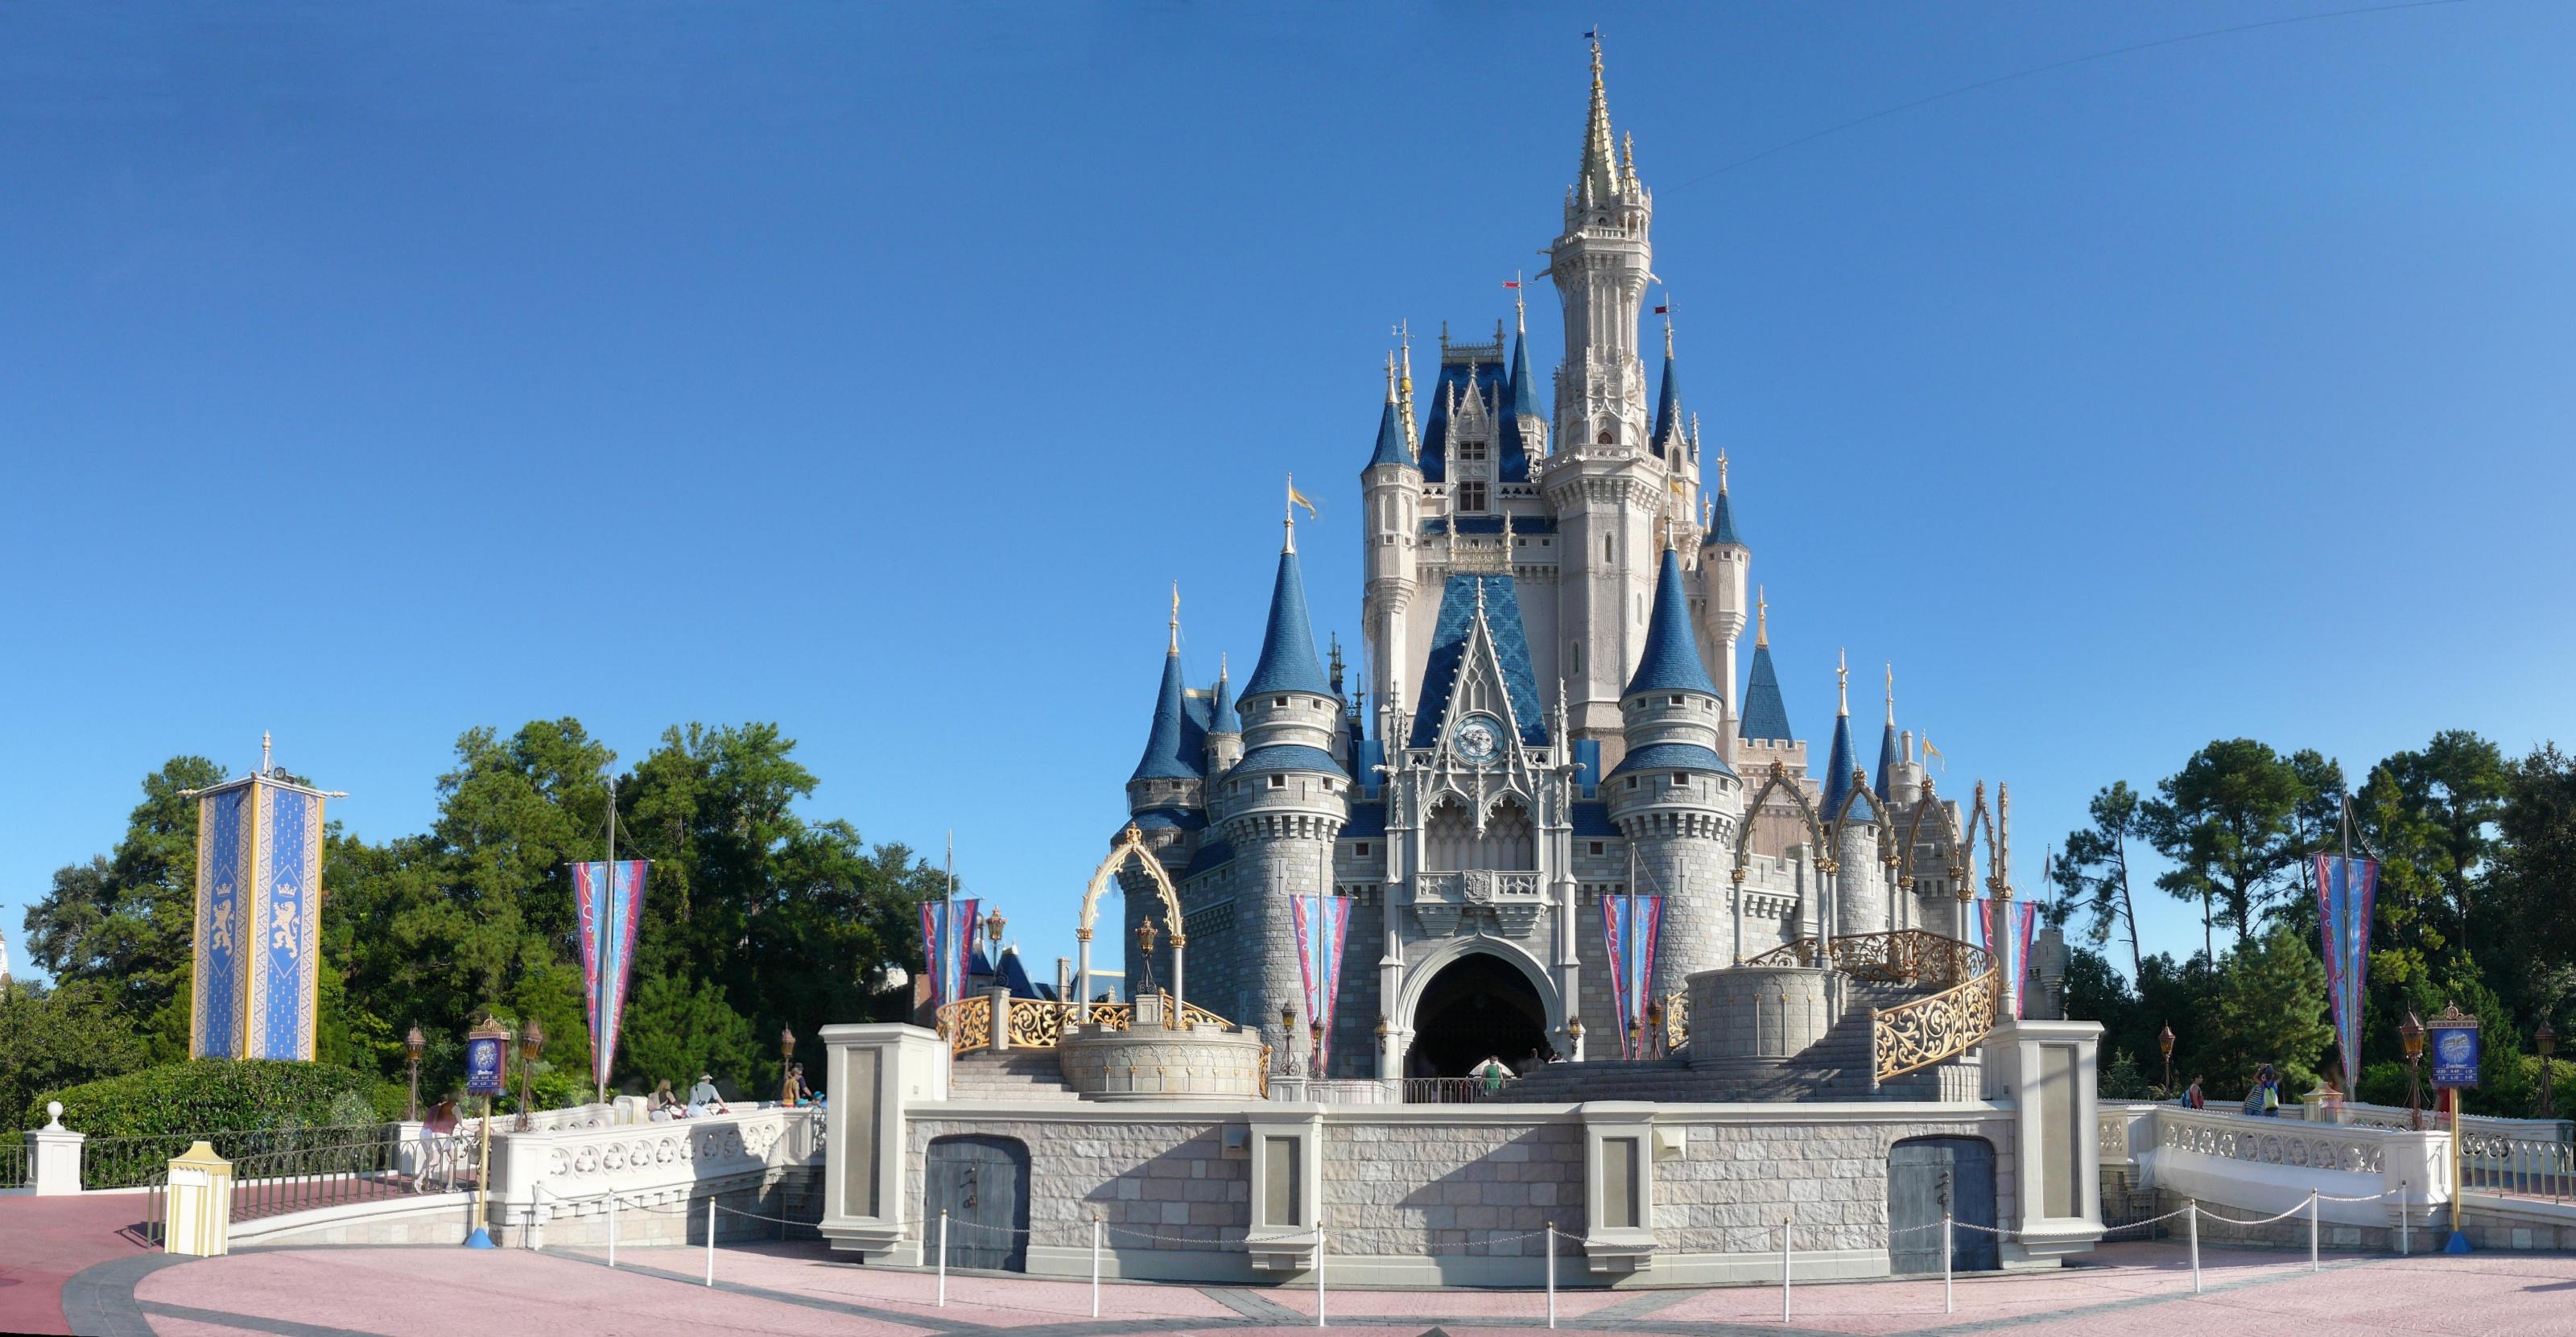 Disney World Castle Clipart - Clipart Suggest